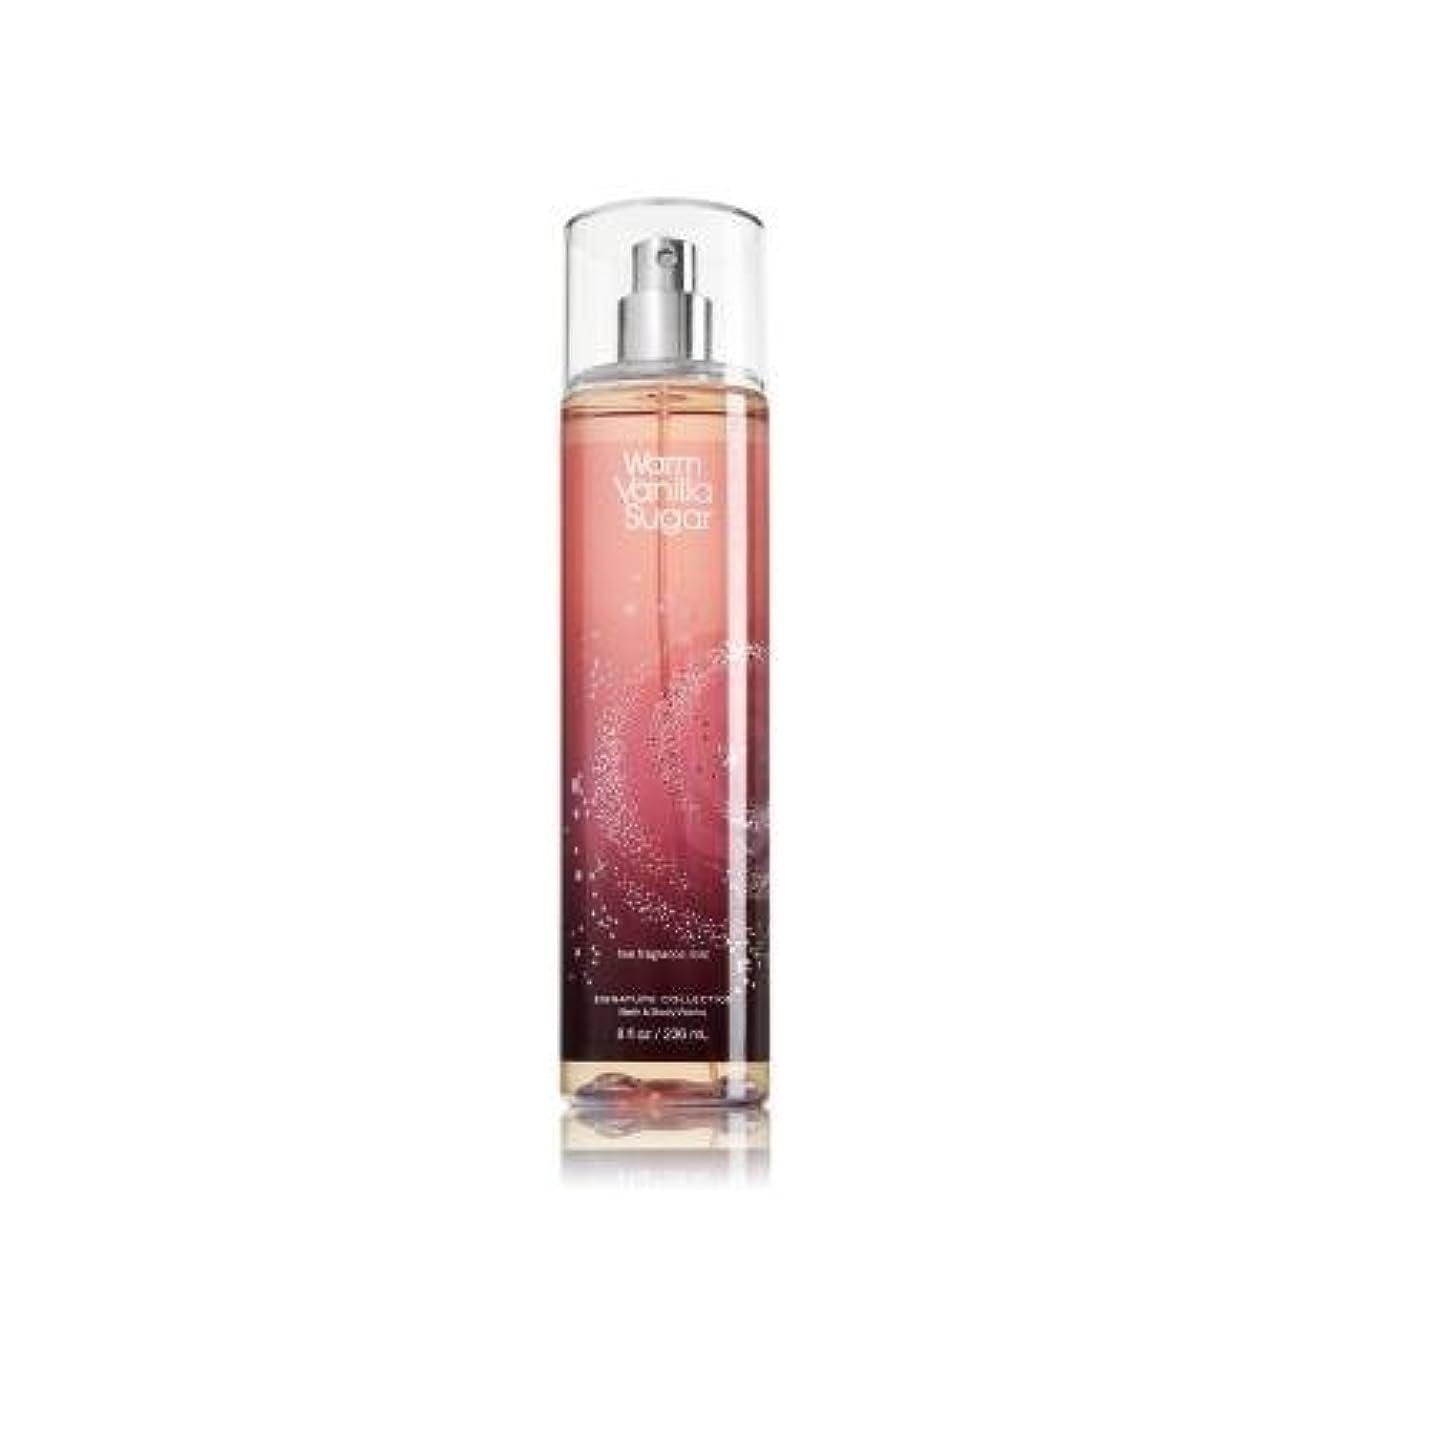 ラッシュ発見コットンBath & Body Works ウォームバニラシュガー フレグランスミスト warm vanilla sugar Fragrance Mist[並行輸入品]